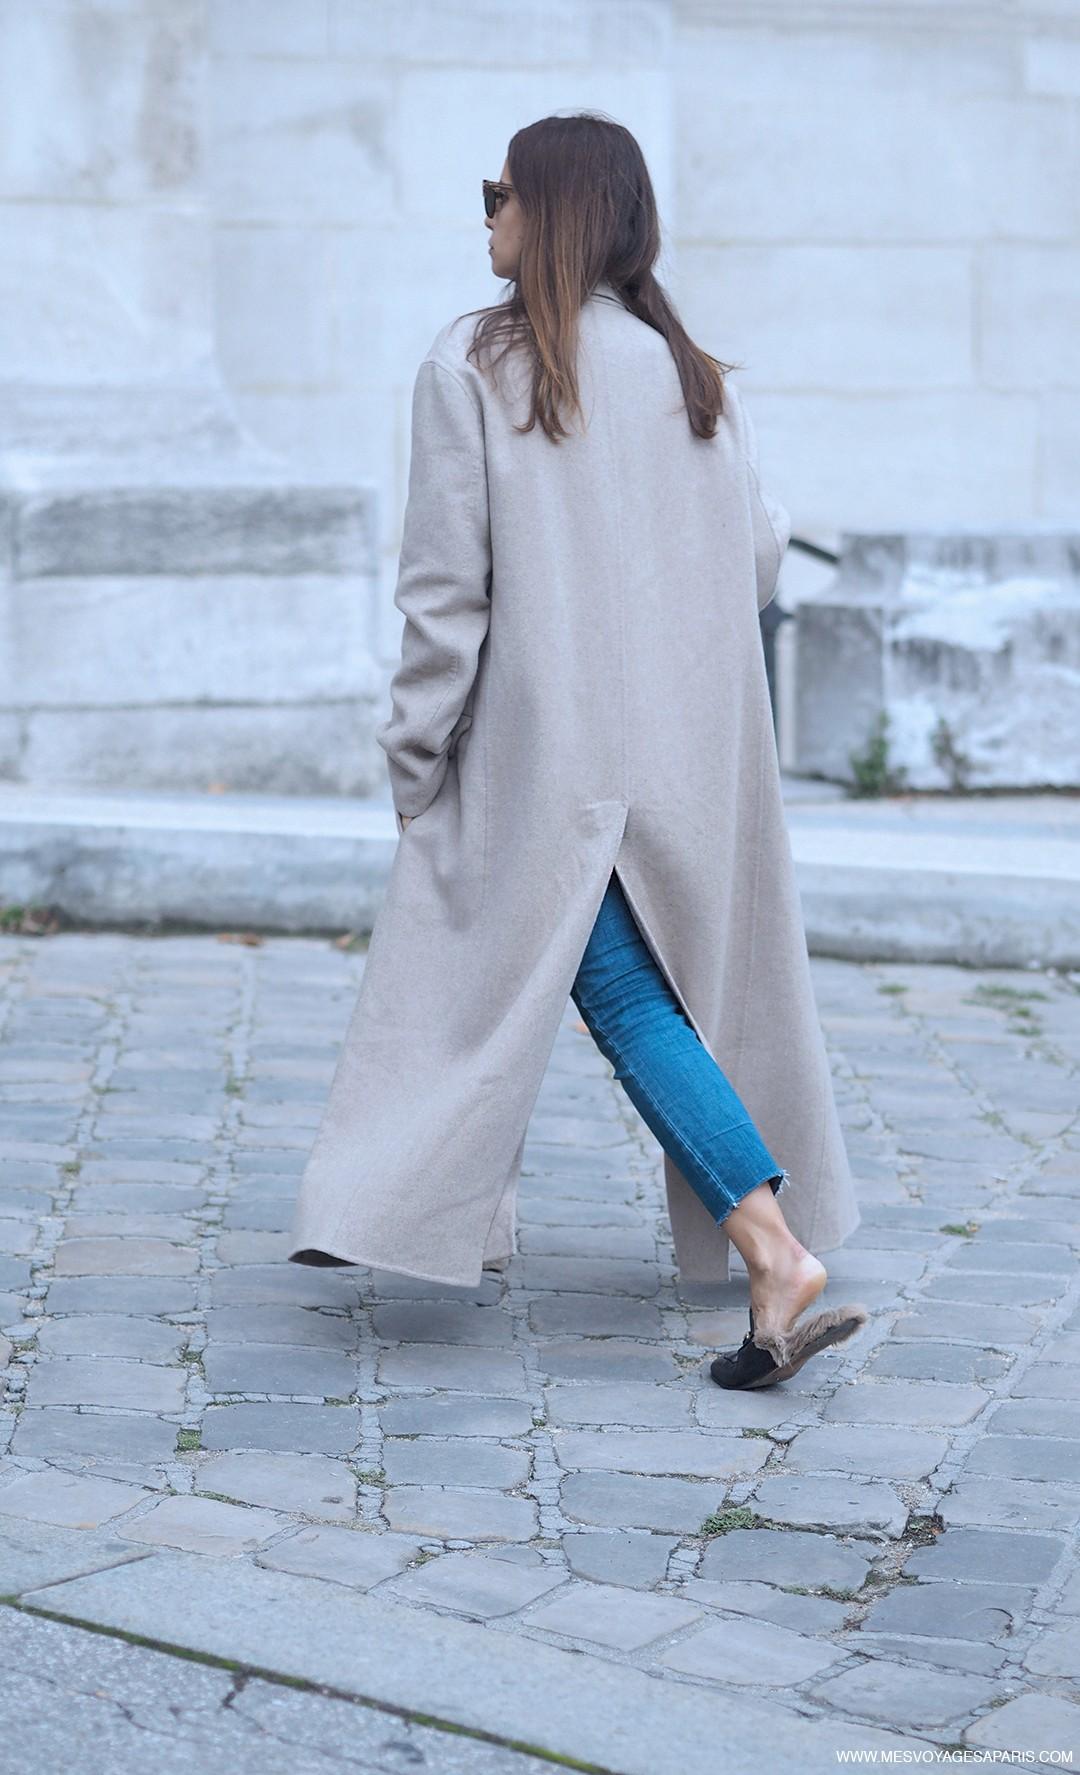 street-style-paris-fashion-week-september-2016paris-fashion-week-street-style-september-2016pa011239-copia